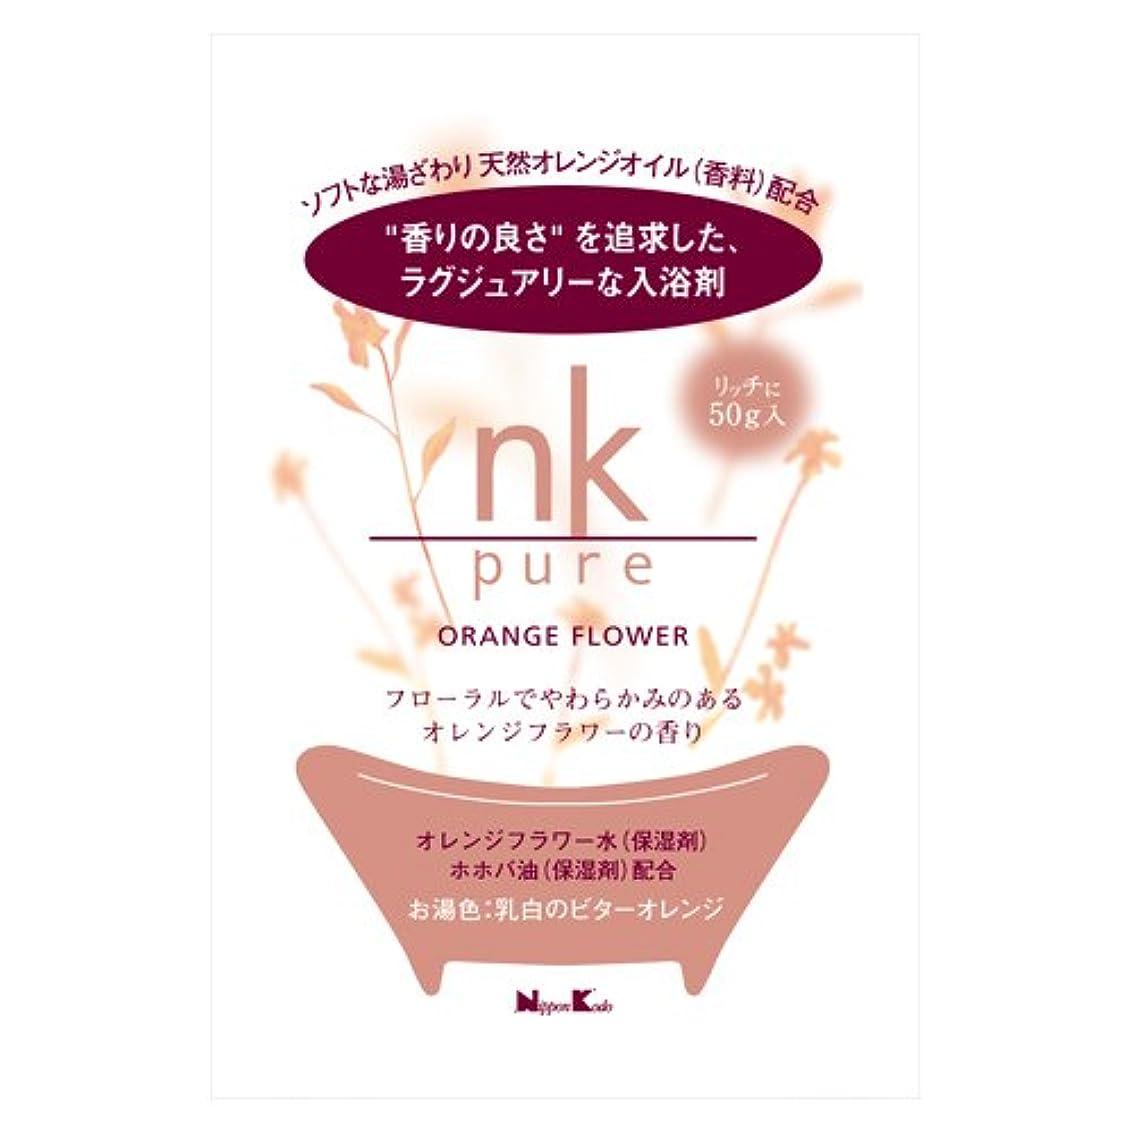 分解するリスク溶融【X10個セット】 nk pure 入浴剤 オレンジフラワー 50g